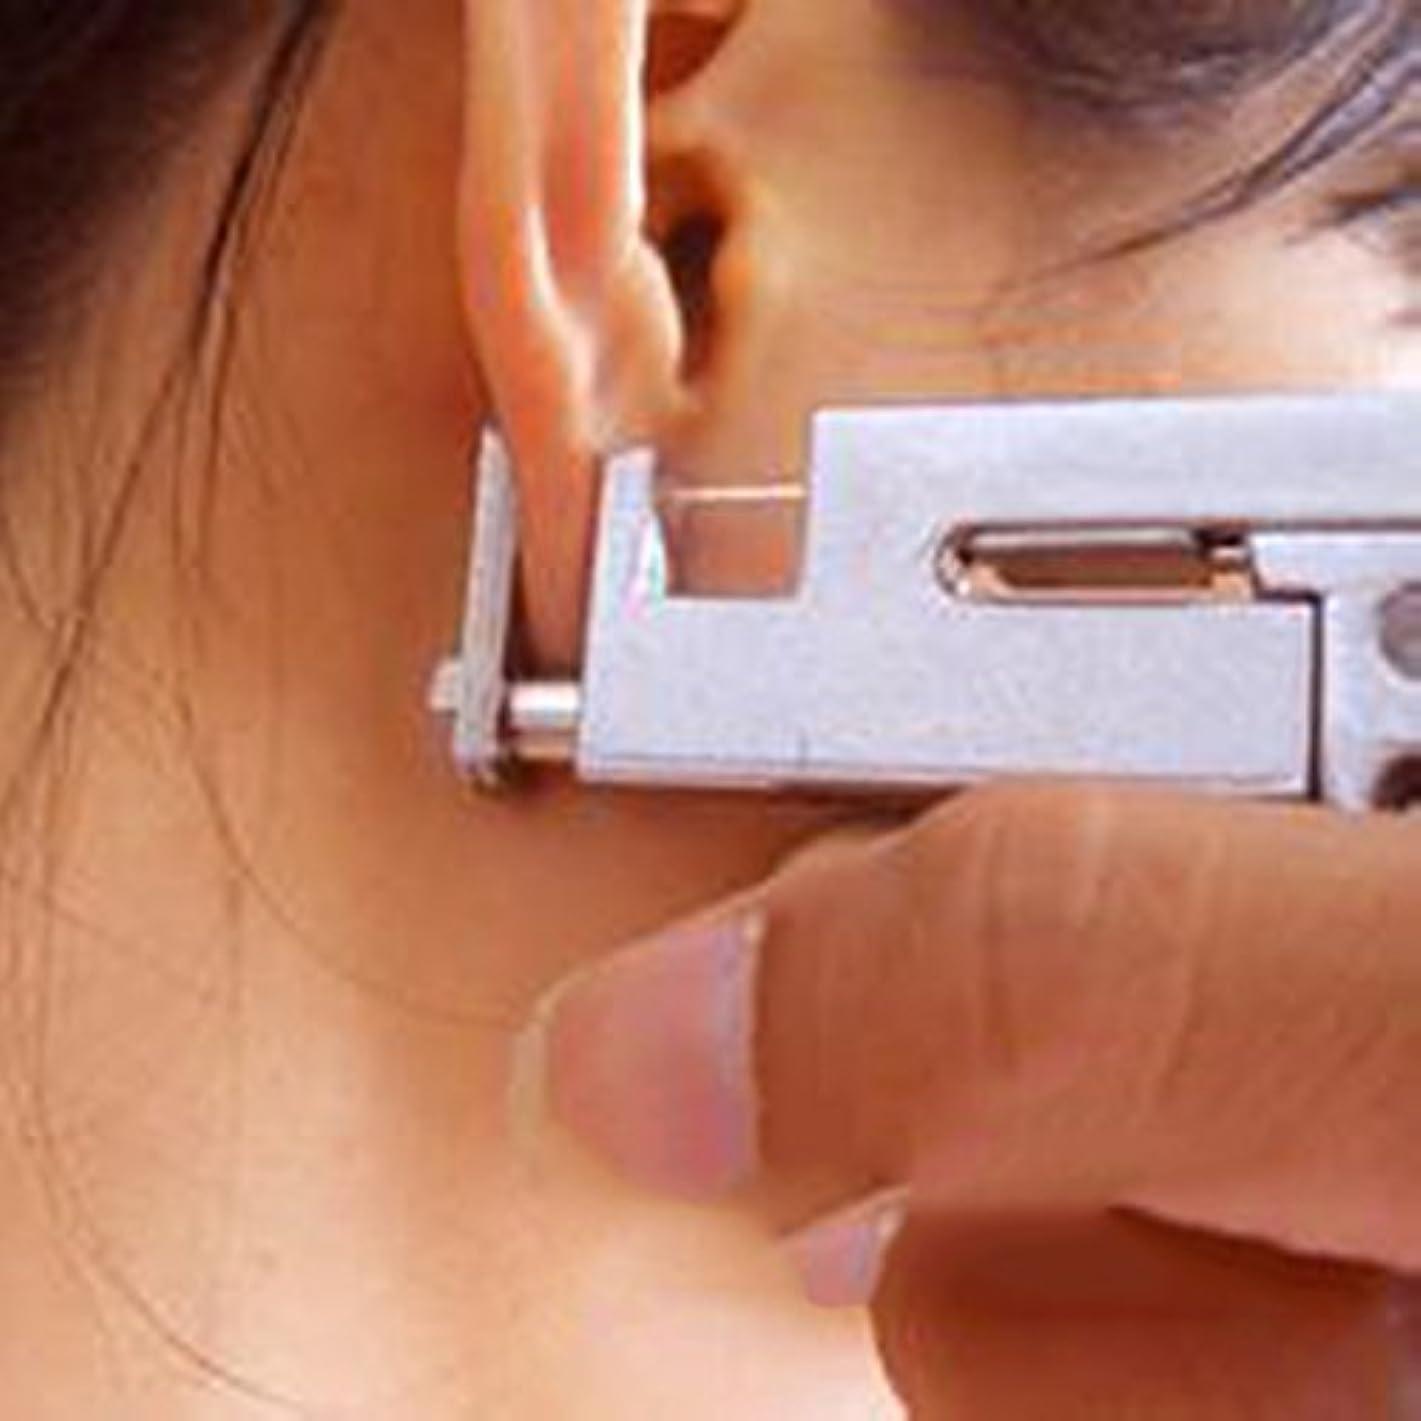 誘うアシスト行くプロの耳ボディ鼻ピアスガン 工作機械キットセット+ 98個スチールスタッド 使いやすい